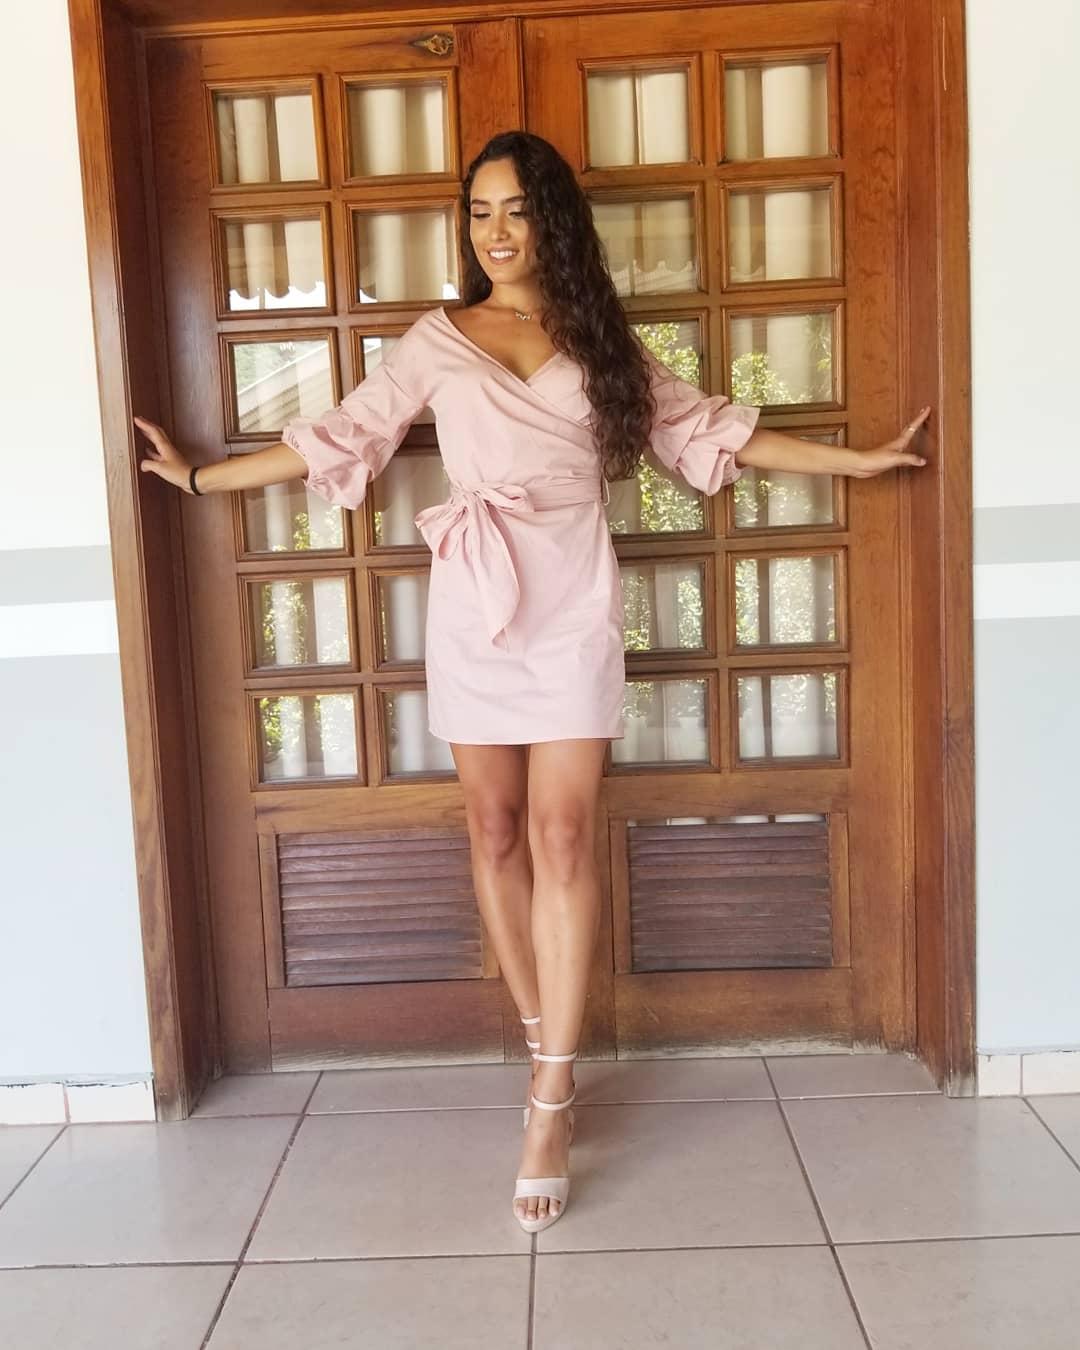 karolina vidales, candidata a miss mexico (mundo) 2020, representando michoacan. - Página 7 69516511